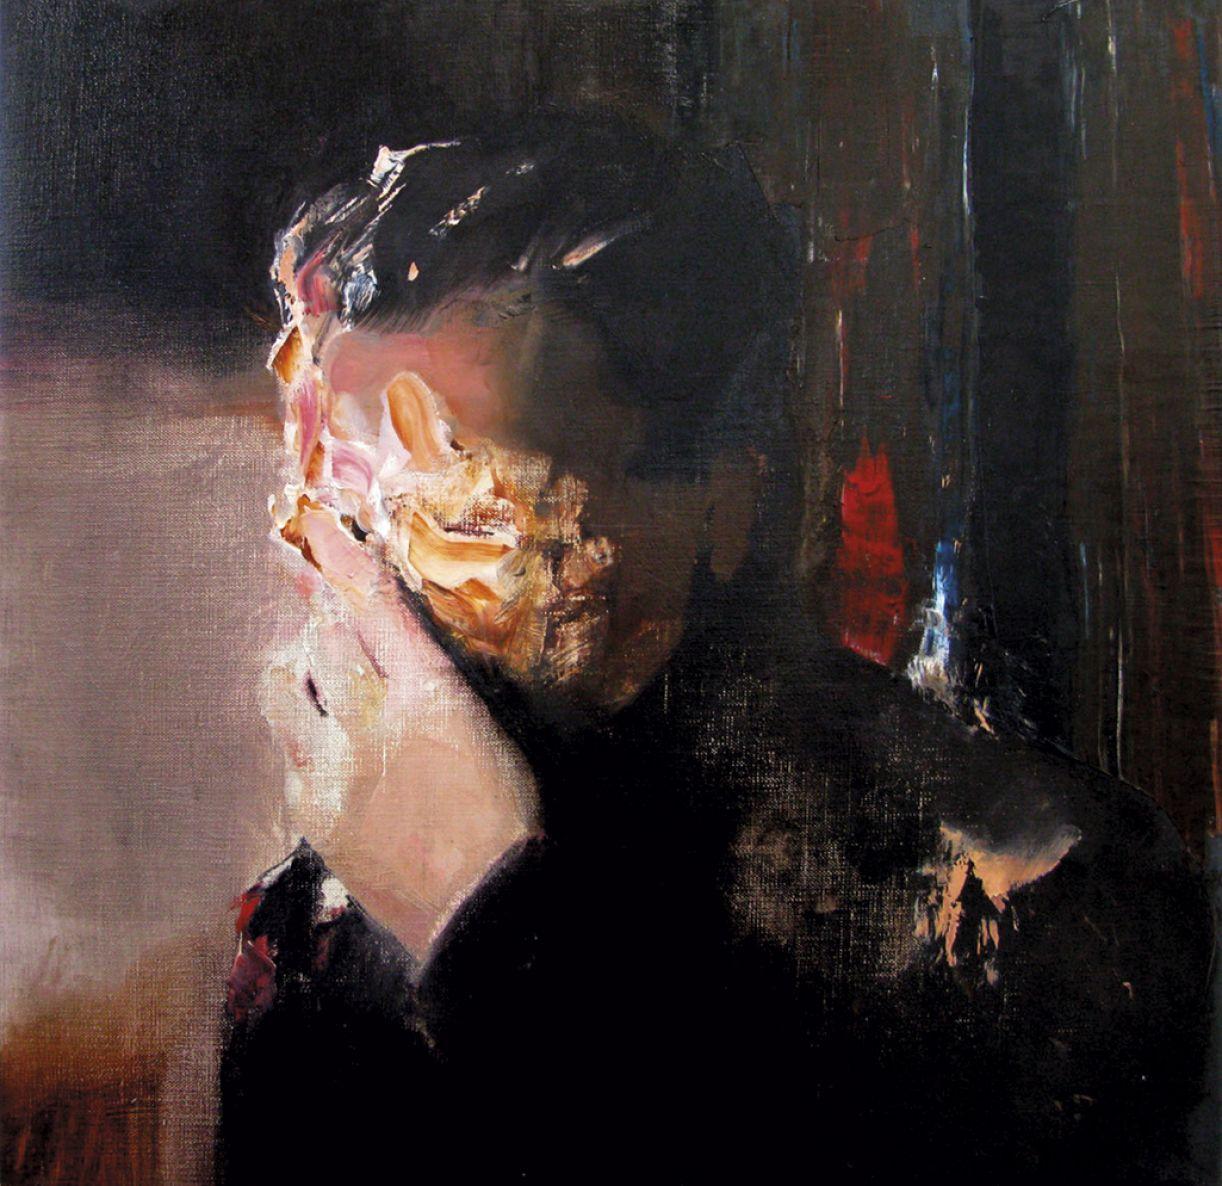 'Estudo n. 2, guerra de tortas', 2008